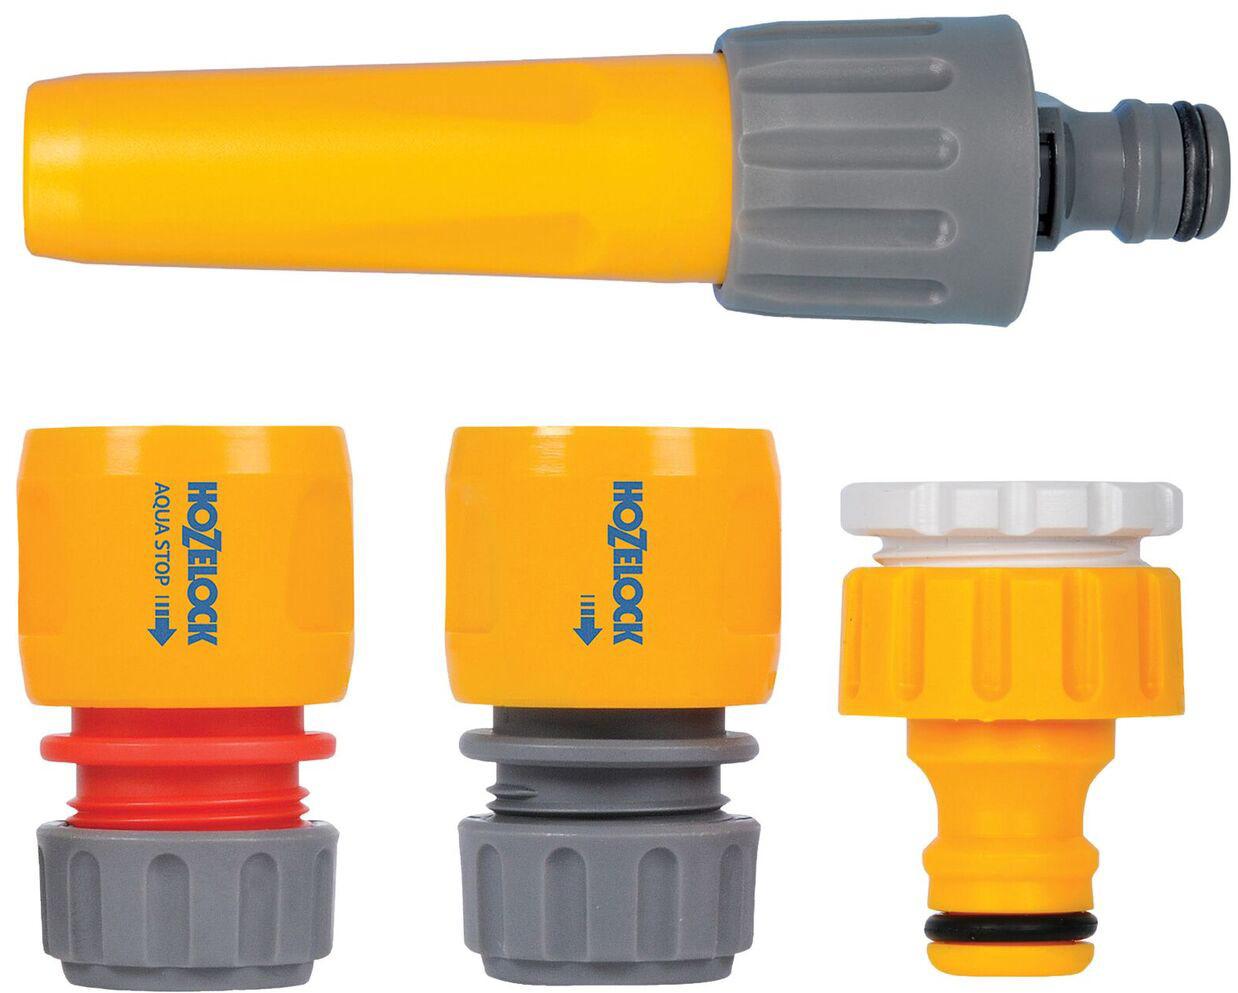 """Набор HoZelock 2352 для запуска полива: Коннектор классик (12,5 мм и 15 мм) 2070, Коннектор классик с Аквастоп (12,5 мм и 15 мм) 2075, Наконечник для шланга 2292, Коннектор для крана вне помещений 1/2""""-3/4"""" (12,5 мм и 19 мм) 2184 Готовый набор с высококачественными принадлежностями, необходимыми для присоединения шланга к крану и наконечником для полива с регулировкой струи."""